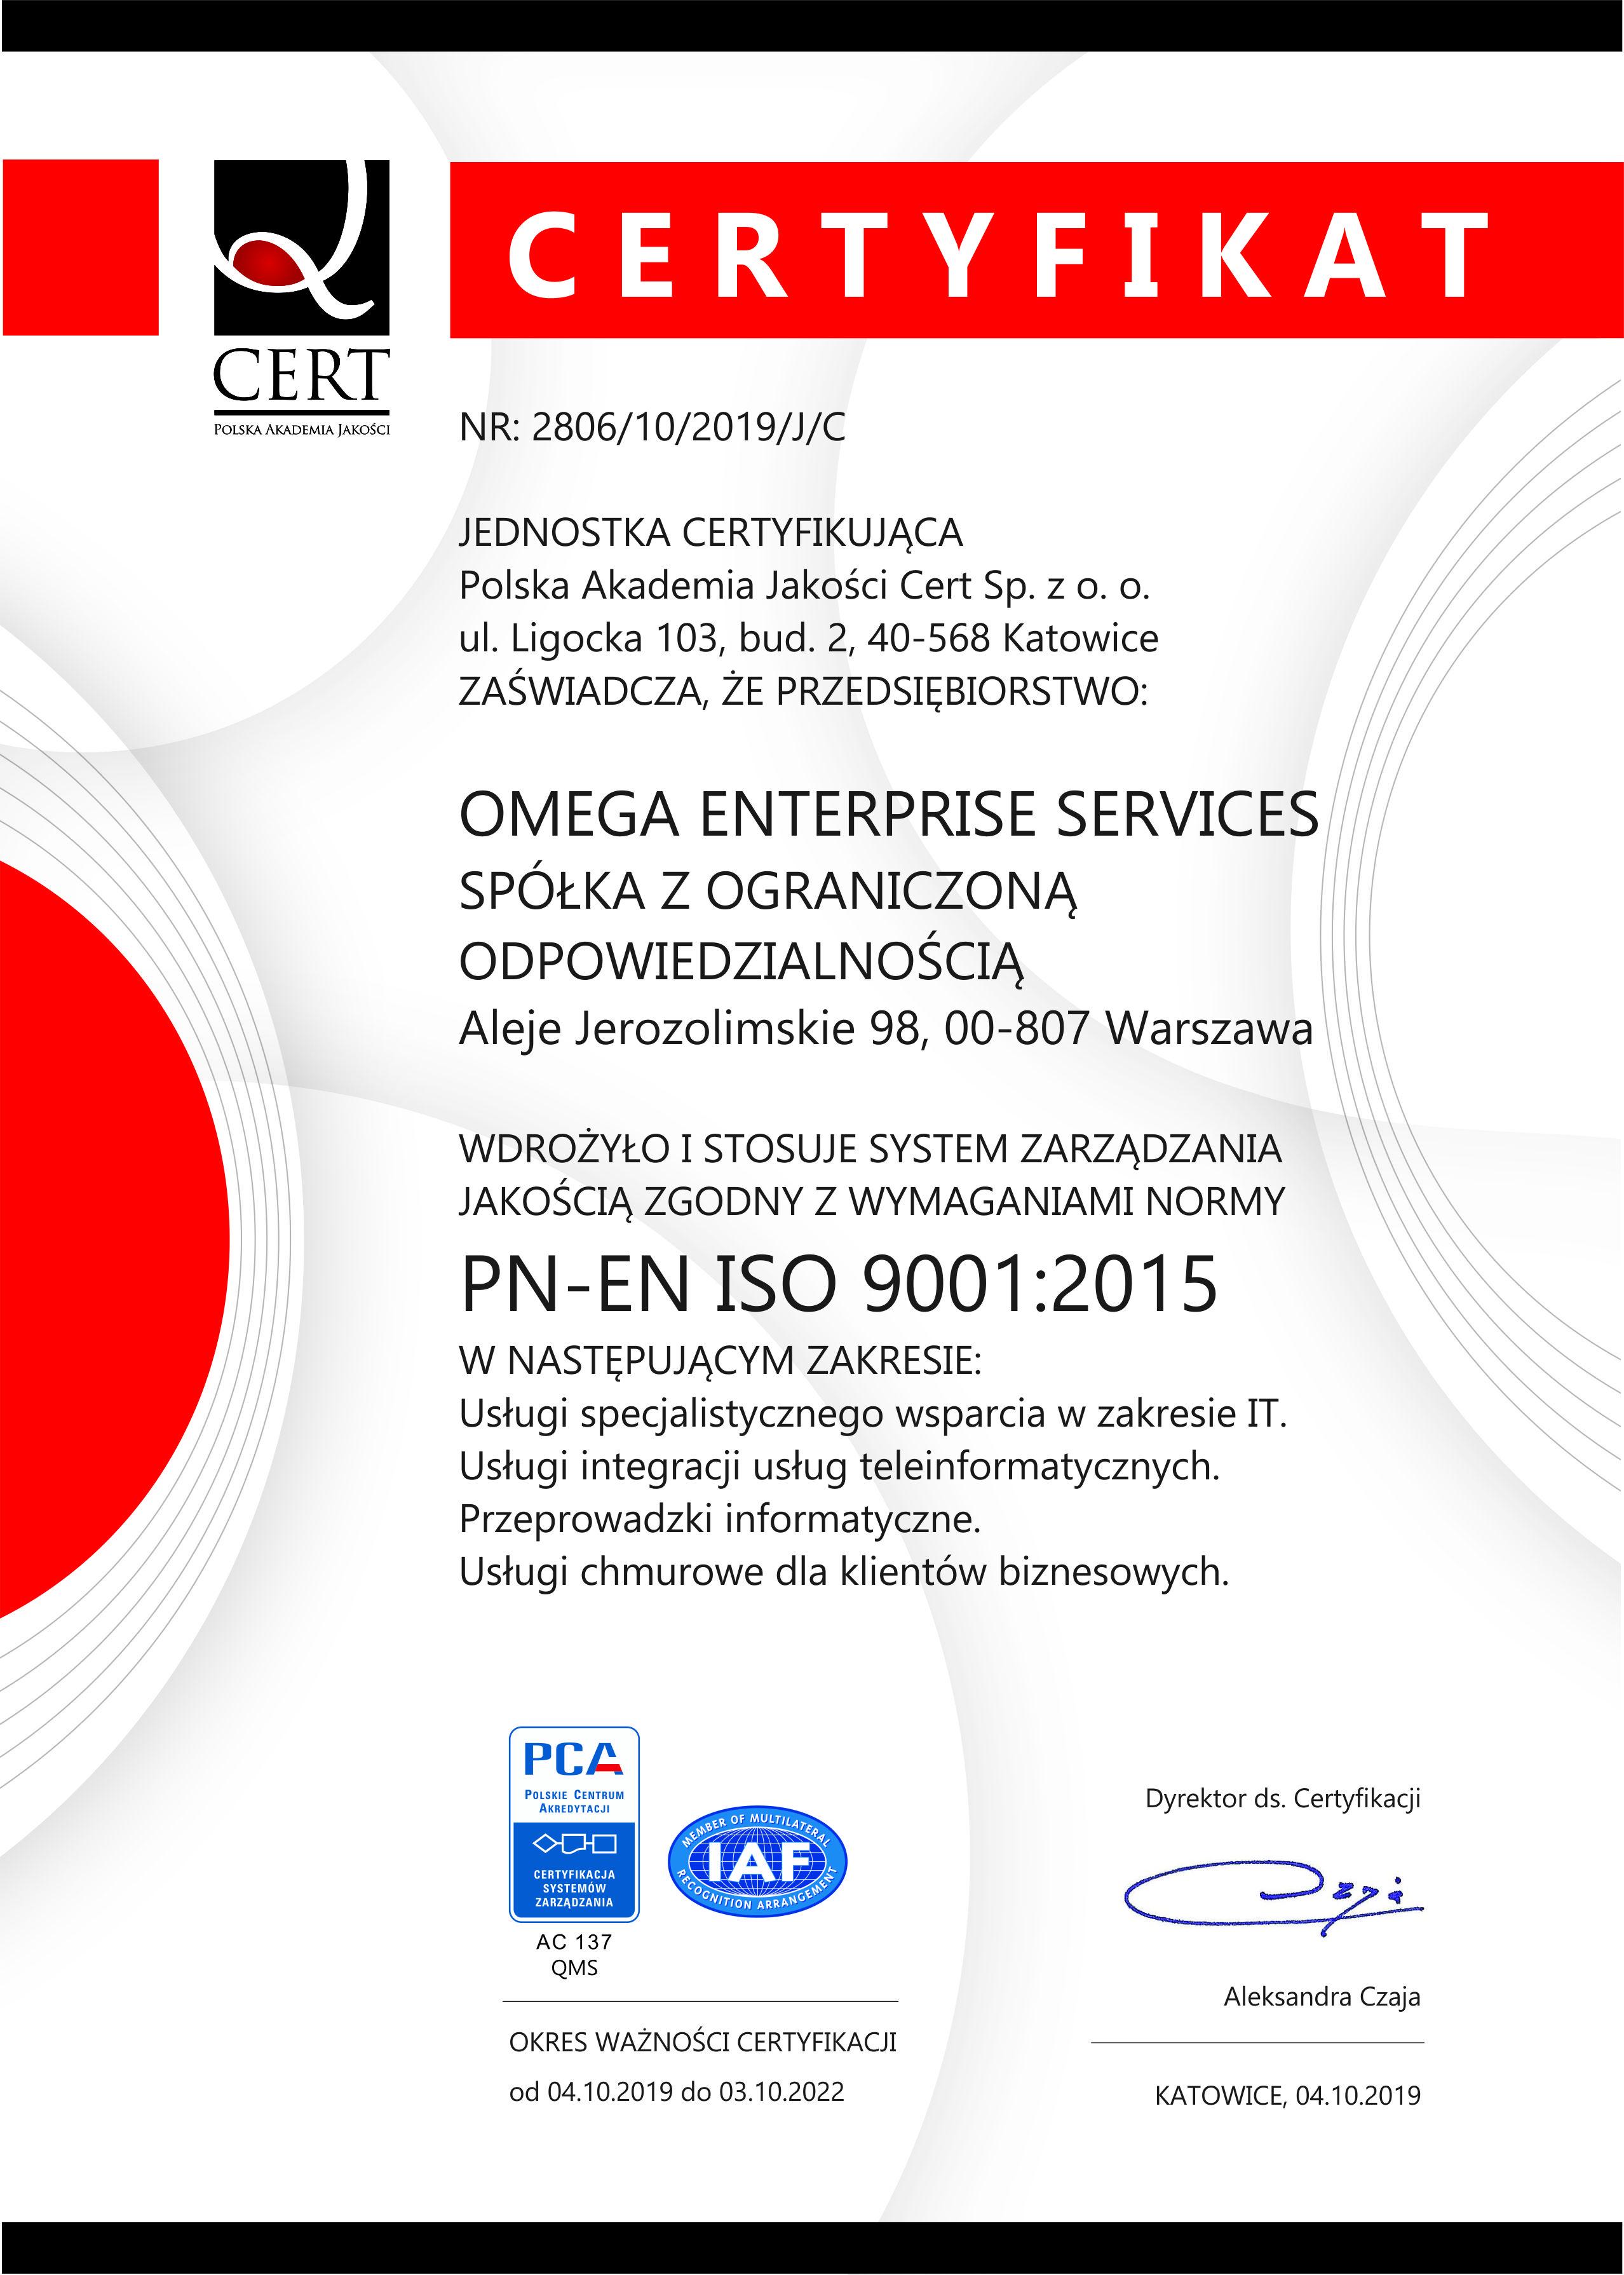 Uzyskaliśmy certyfikat ISO System Zarządzania Jakością PN-EN ISO 9001:2015